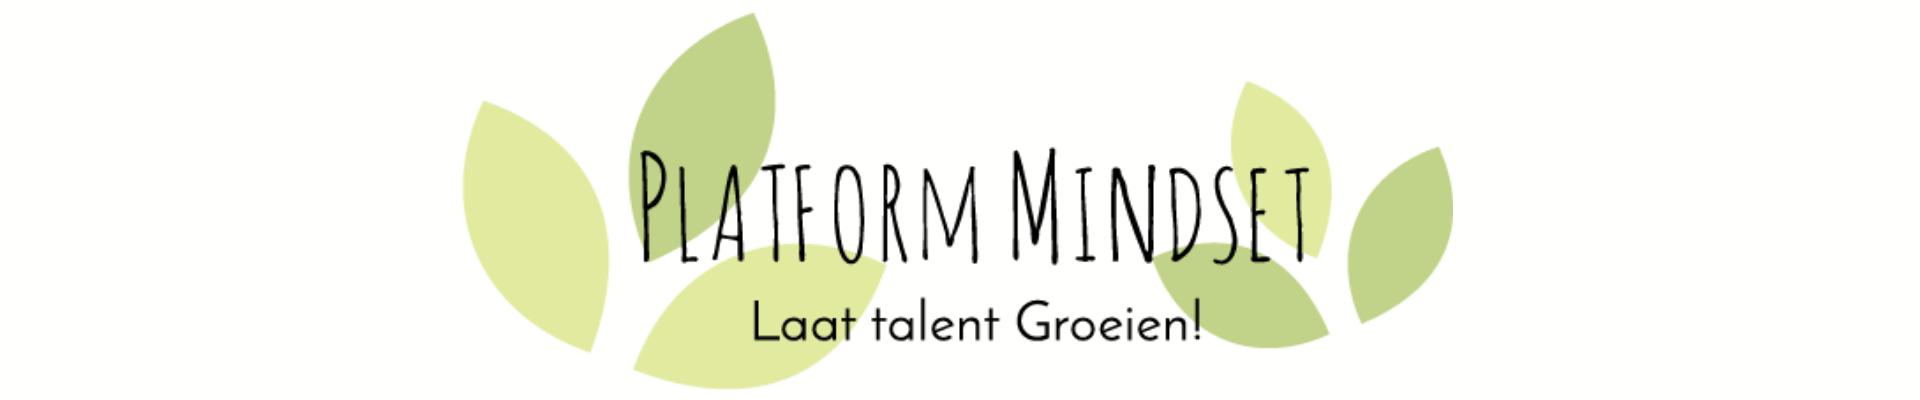 Keuzeformulier online / live tweedaagse Utrecht